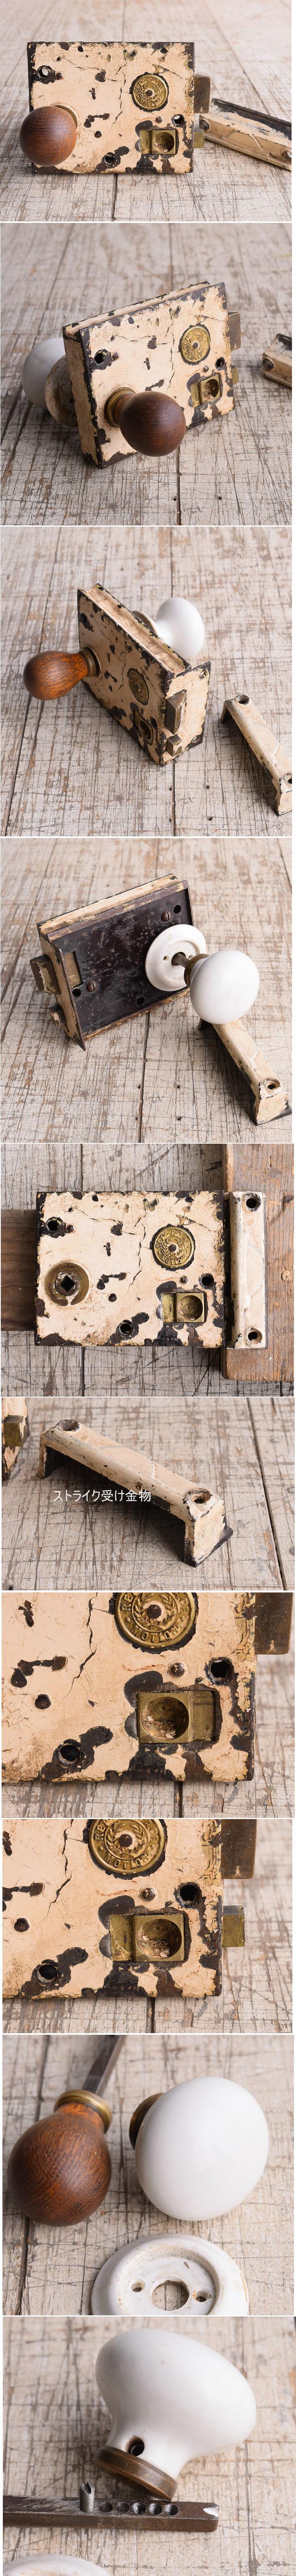 イギリス アンティーク ラッチ&ドアノブ 建具金物 9013